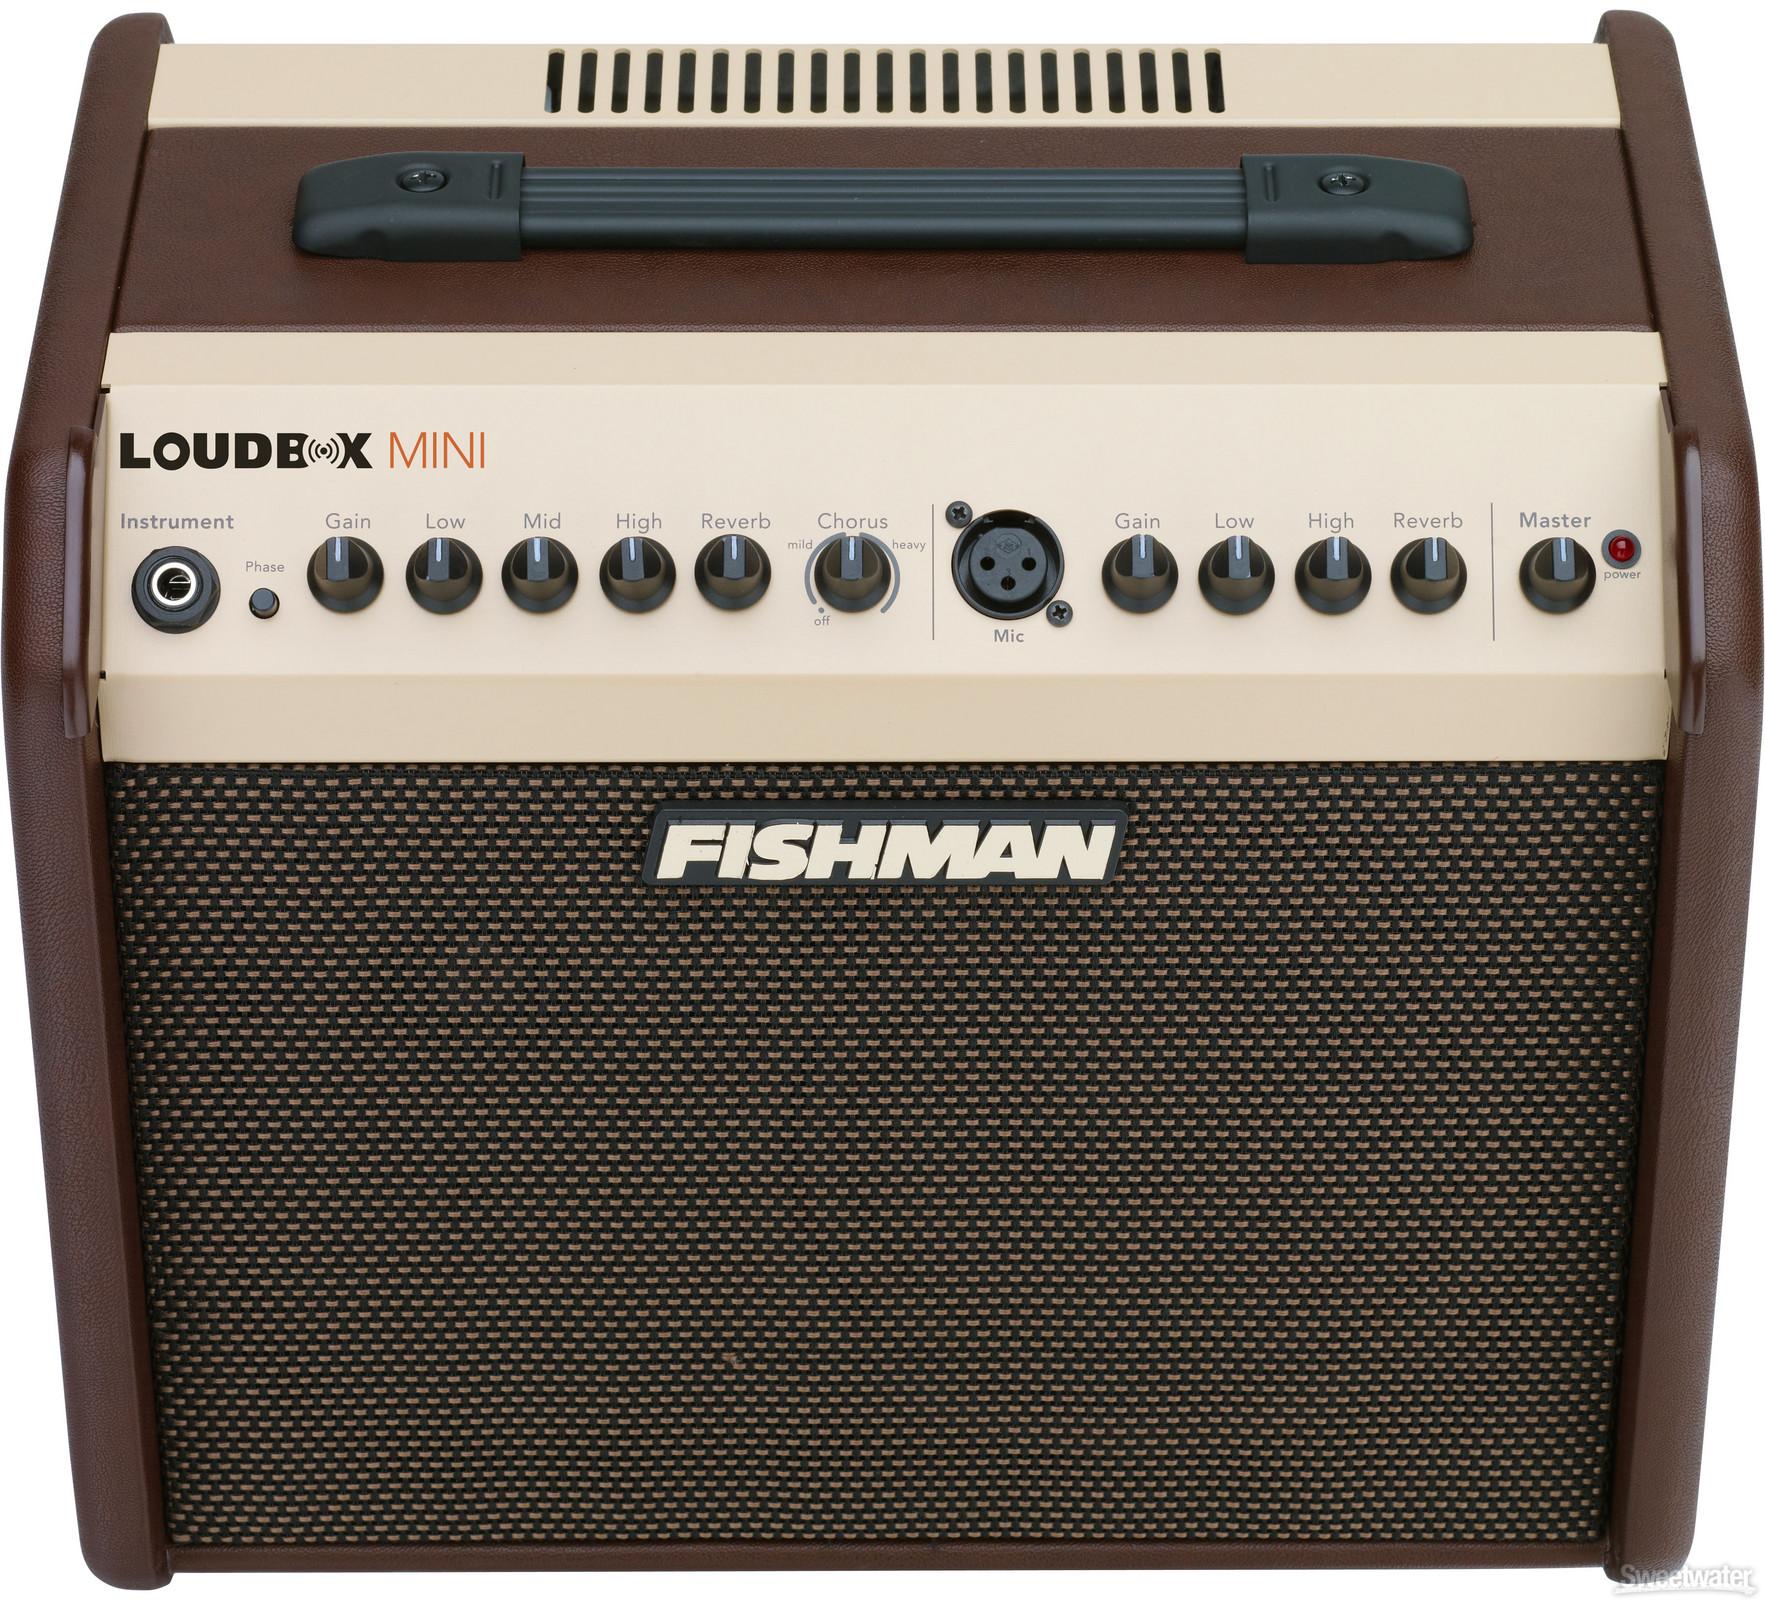 Fishman Loudbox Mini (60 watts) Acoustic amp